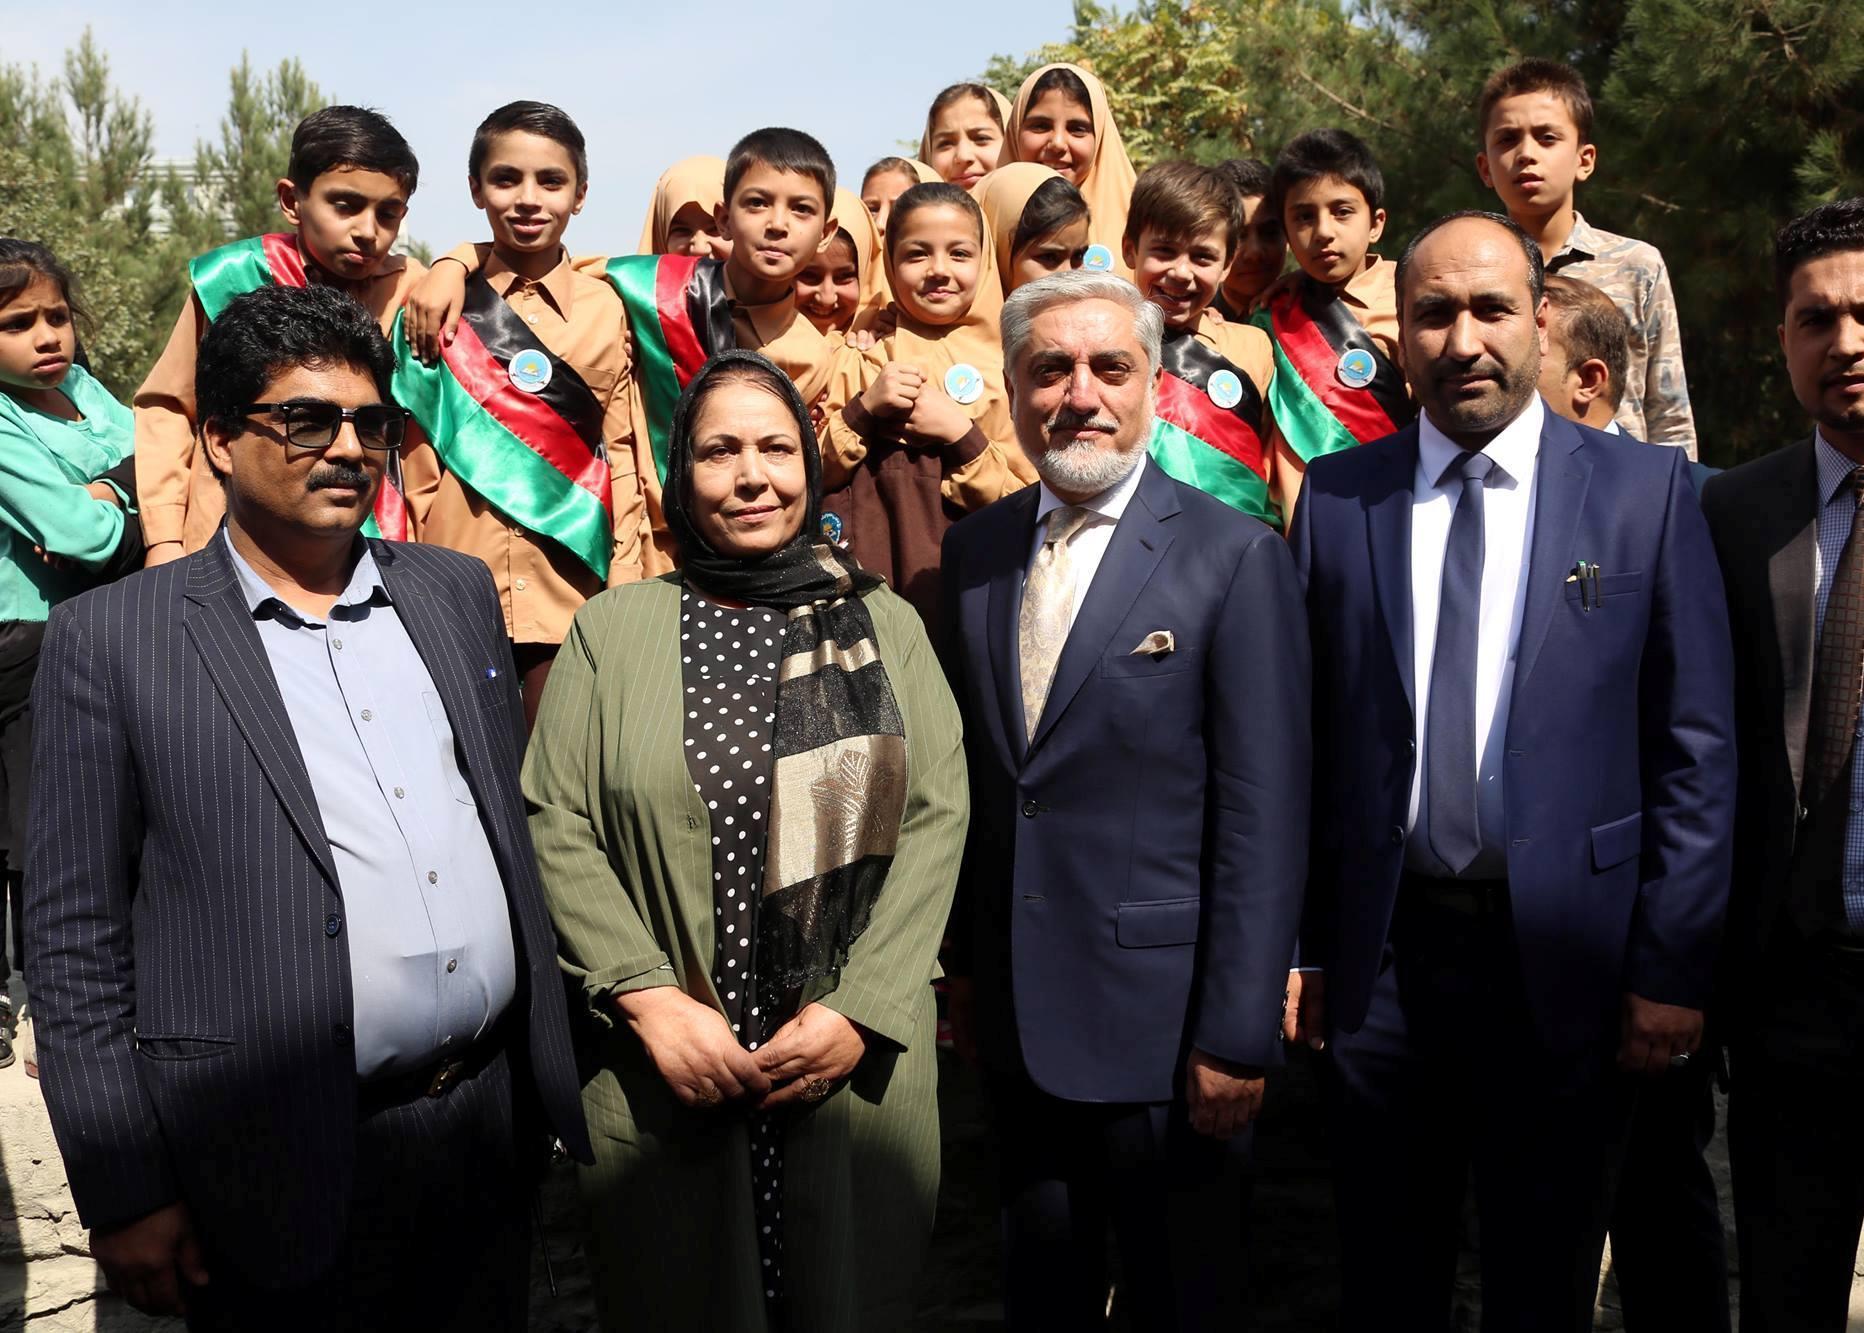 نظام آموزش و پرورش باید با نیازمندیها و شرایط افغانستان سازگار باشد